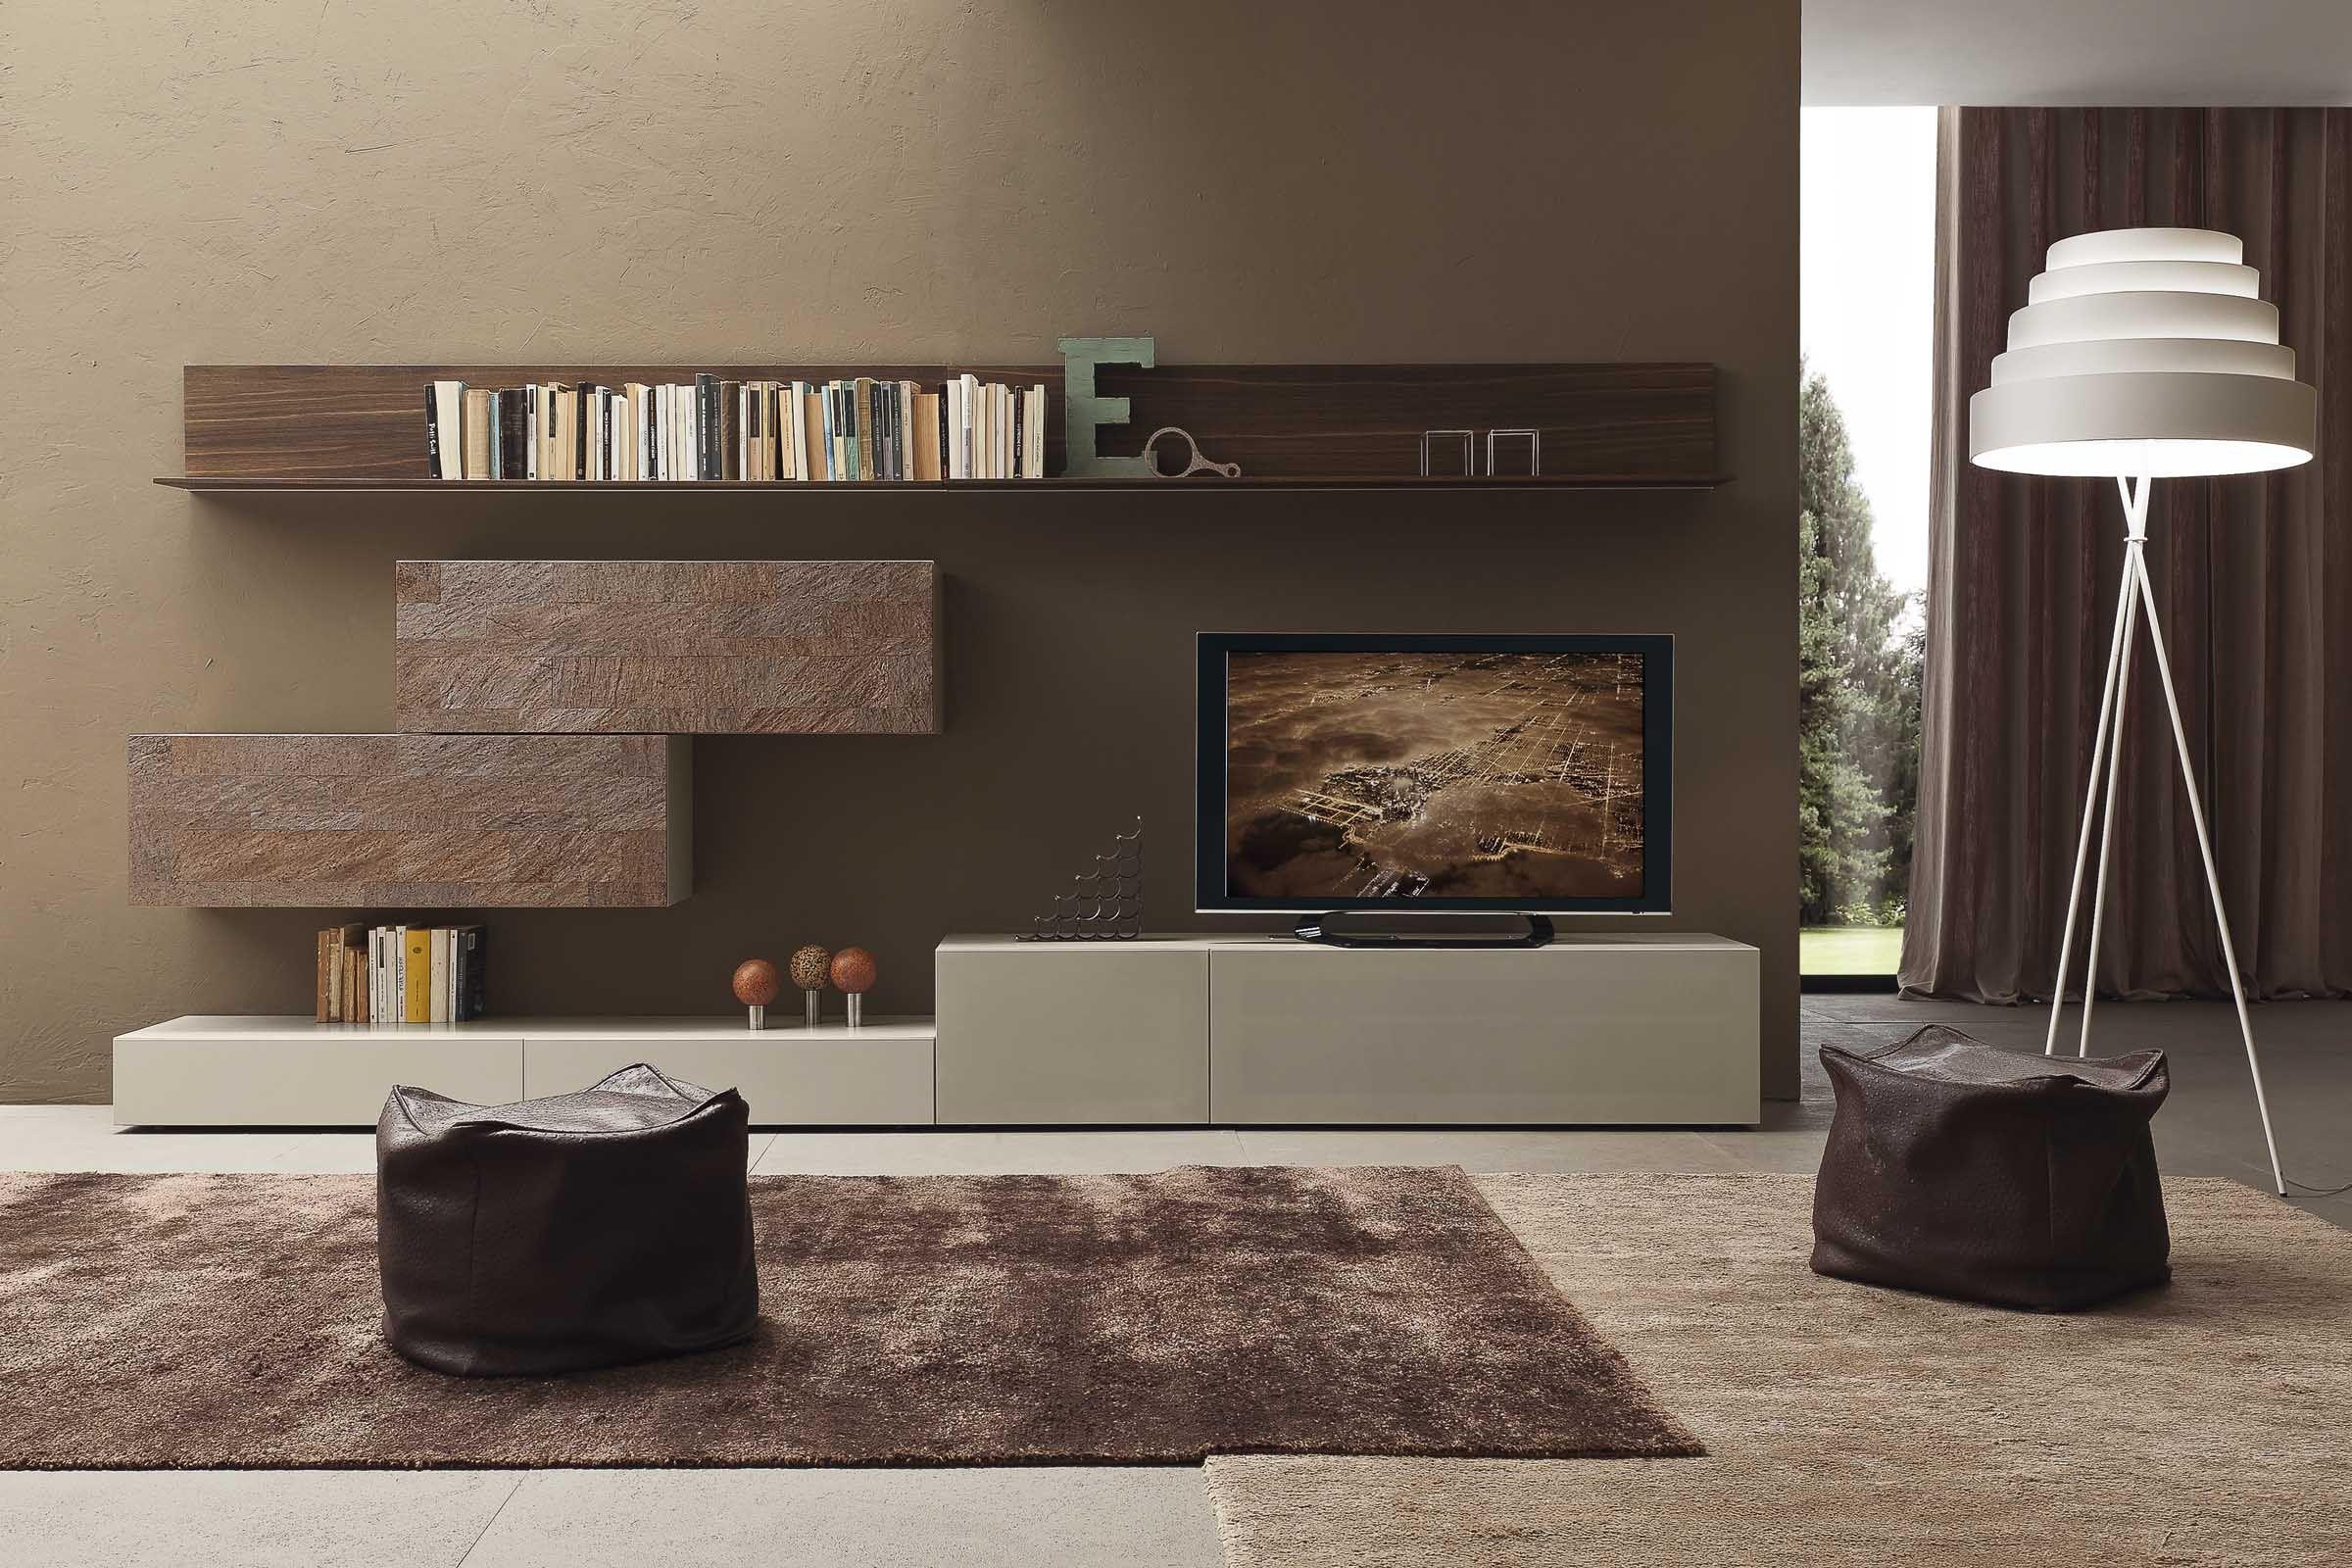 soggiorno componibile moderno pr i modulart 6 | idee soggiorno ... - Soggiorno Moderno